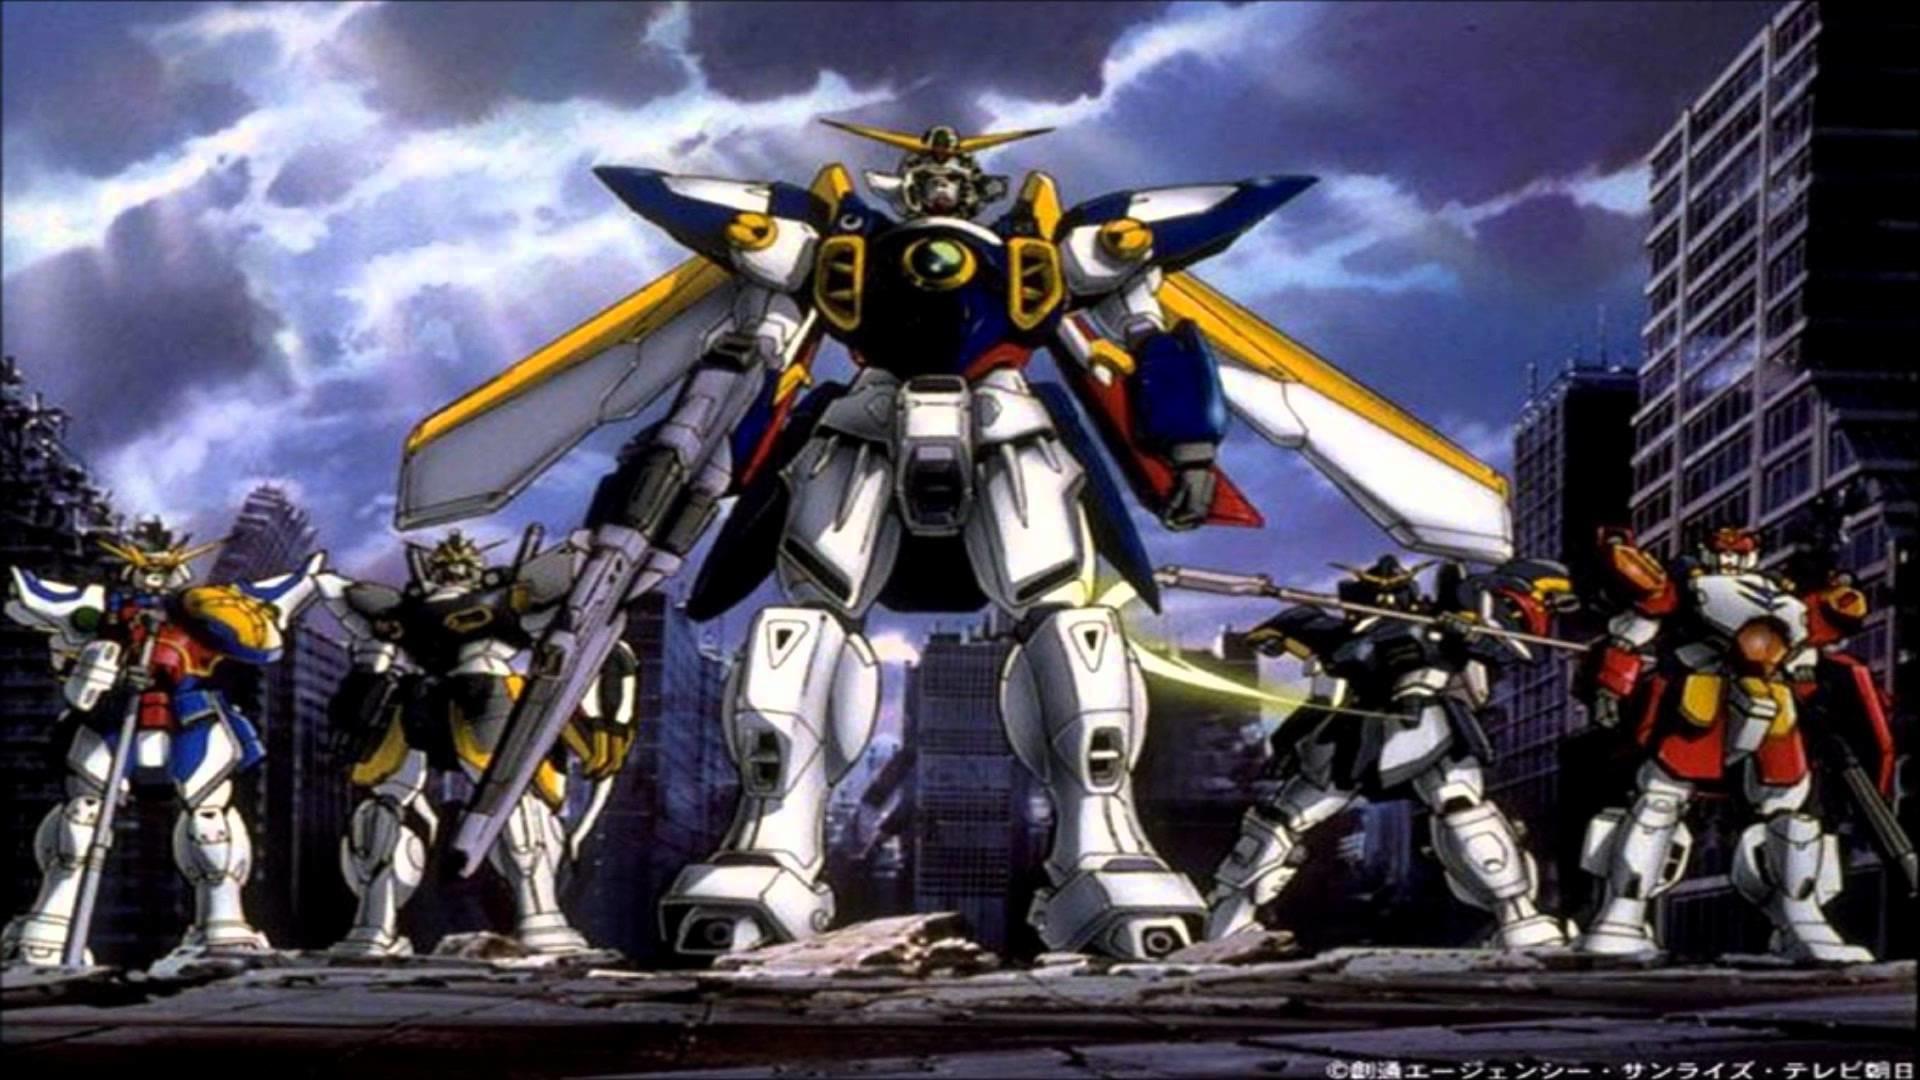 15 Gundam Wing Endless Waltz Pantip Wallpapers 13